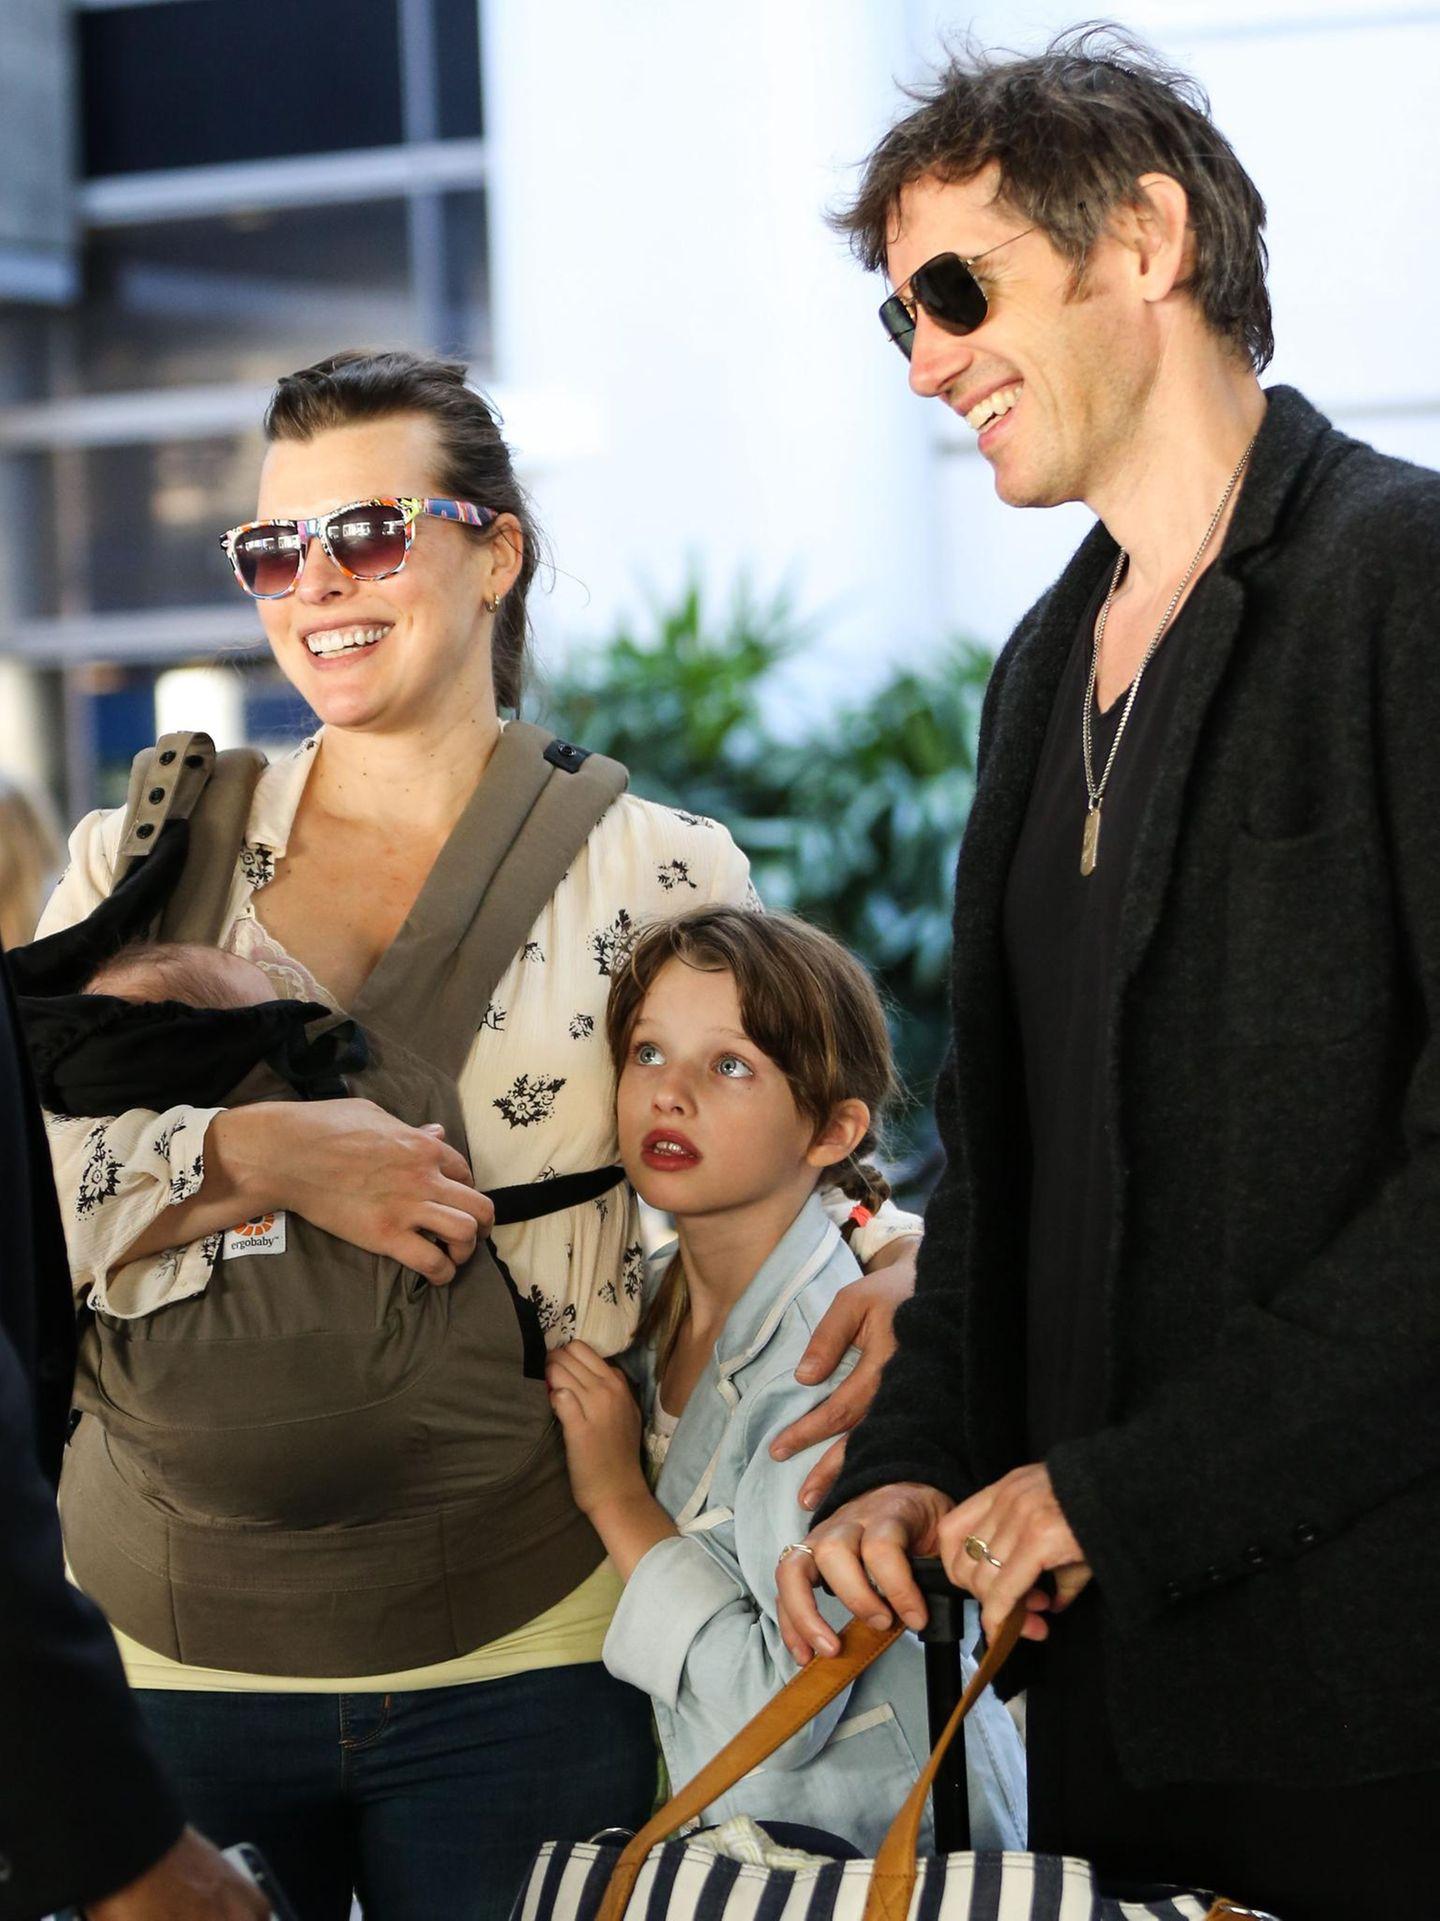 19. Juni 2015: Milla Jovovich ist mit ihrer ganzen Familie am Flughafen in Los Angeles. Wohin die Reise geht ist nicht bekannt.